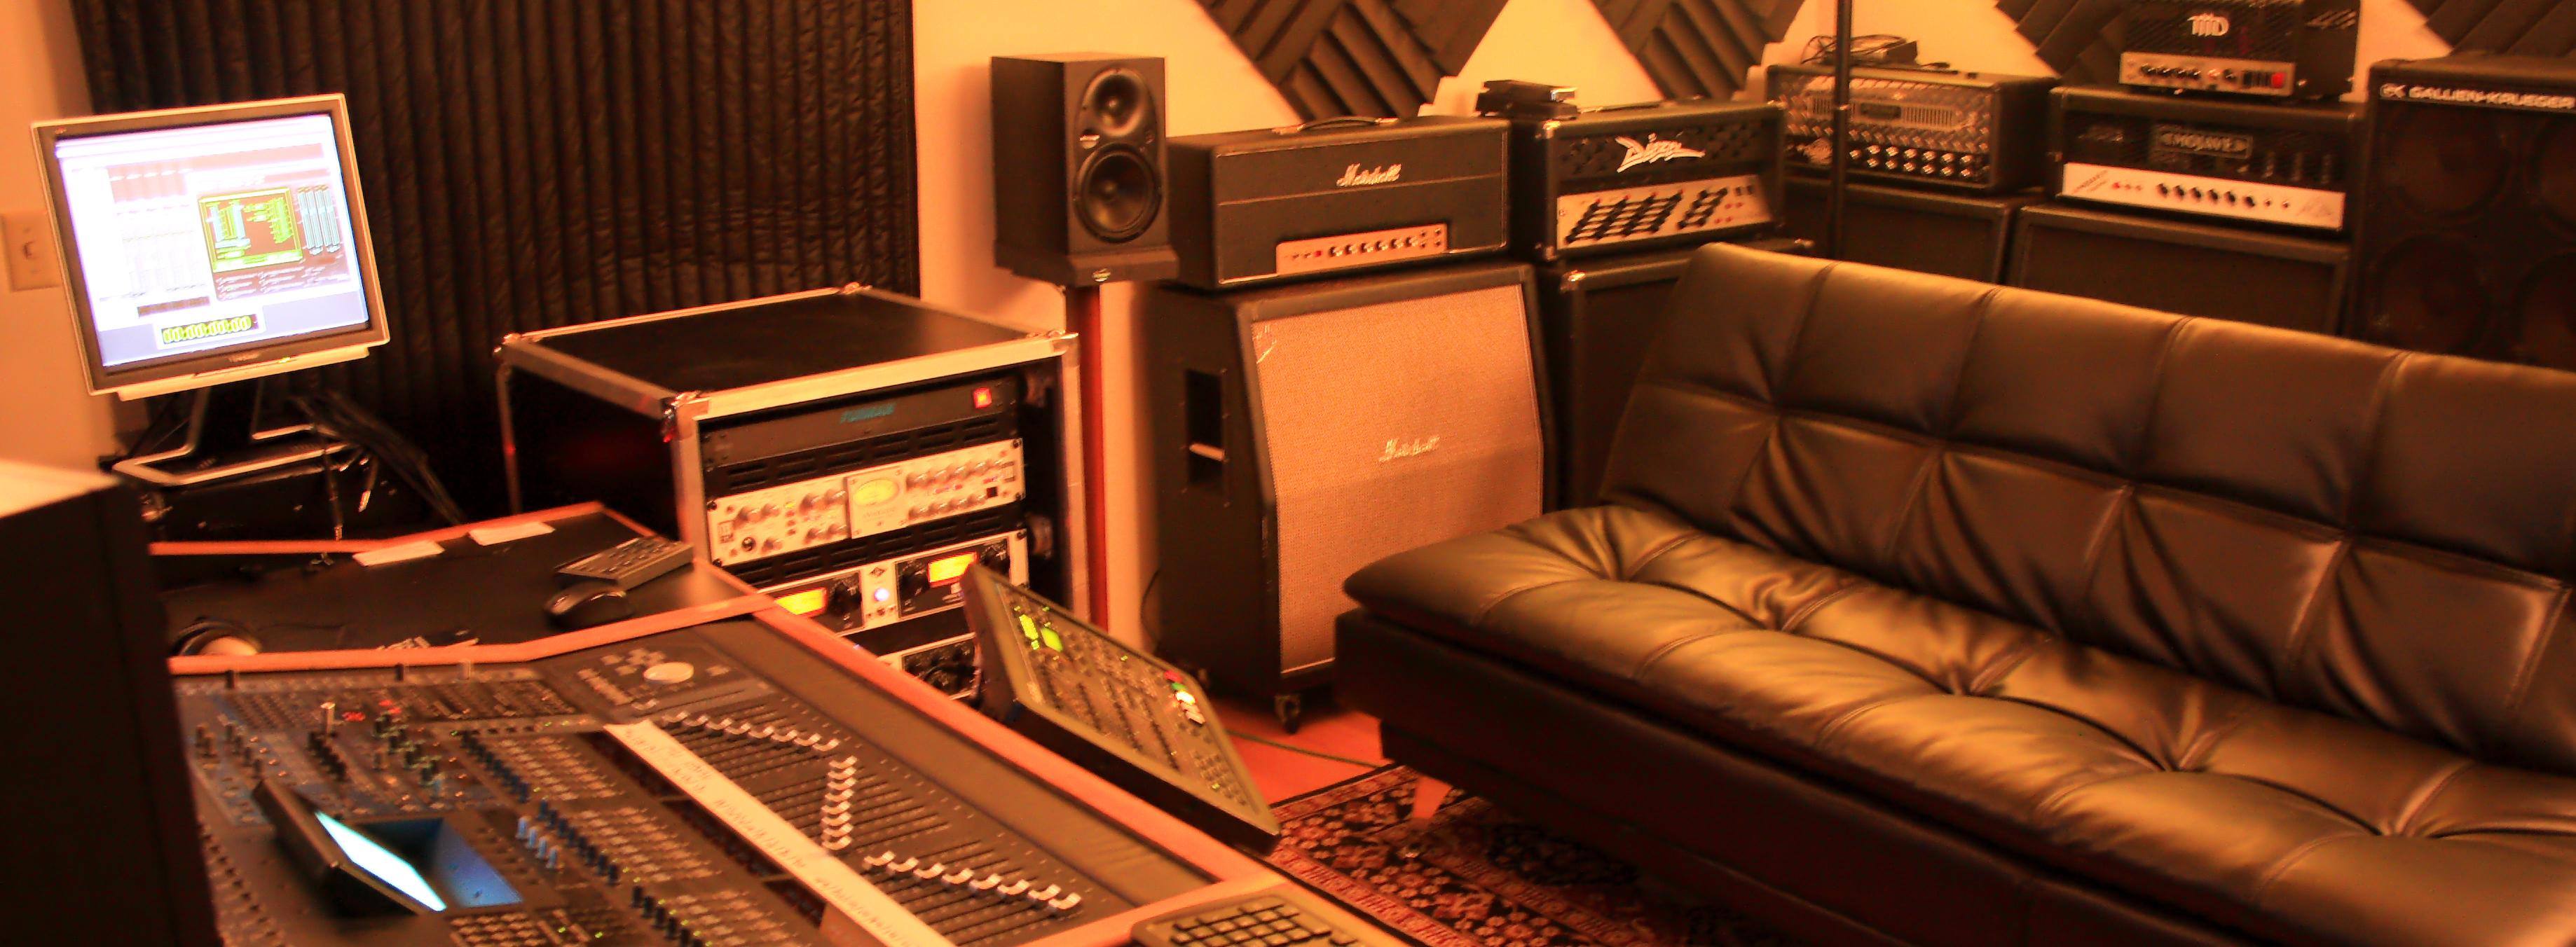 Toolshedstudio-0075